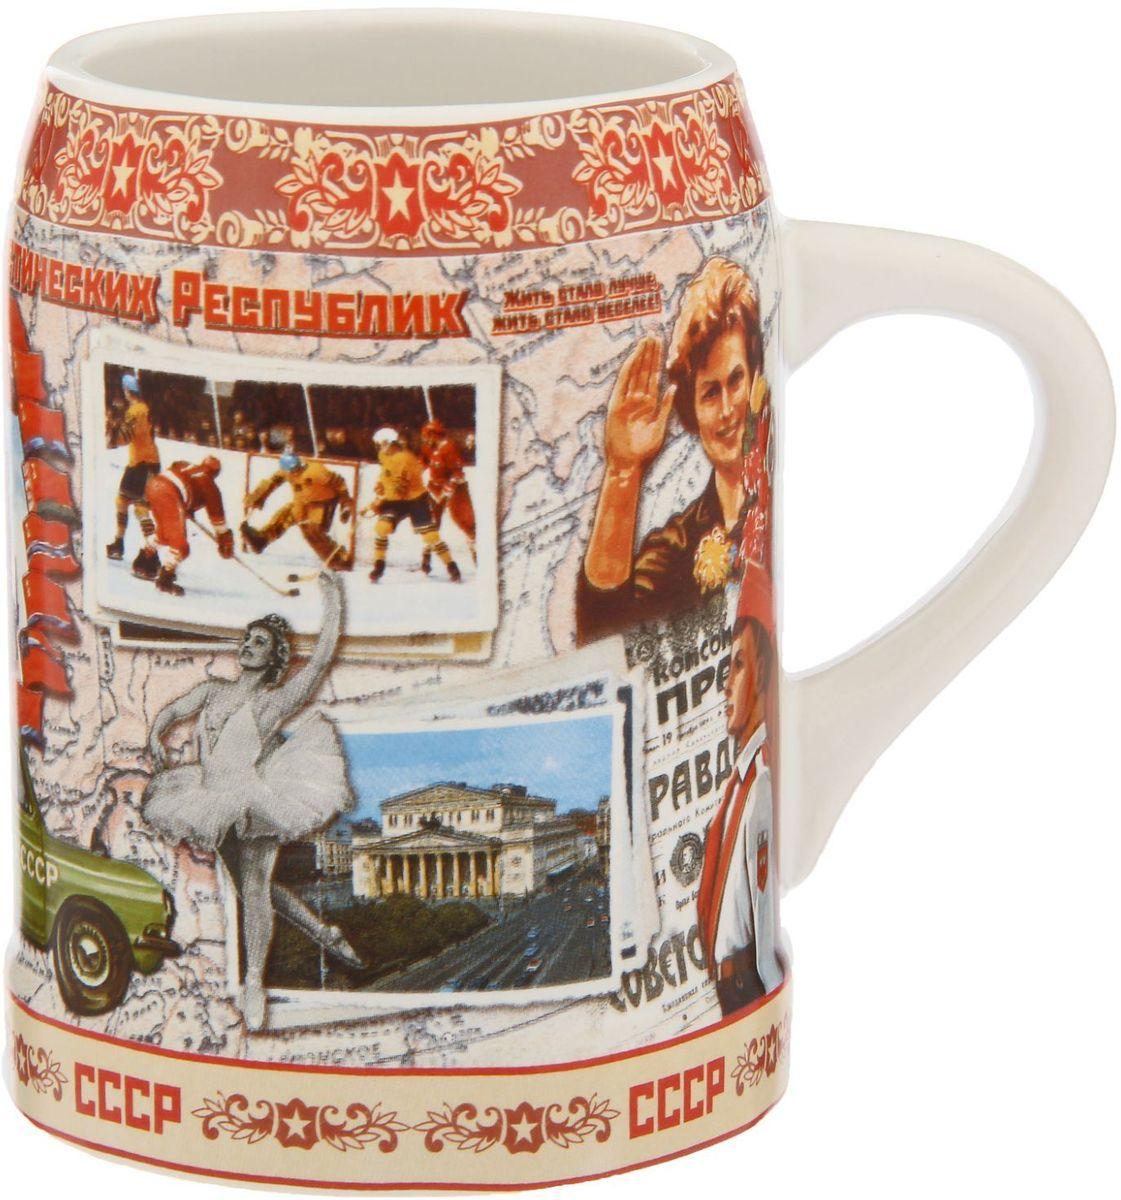 Кружка пивная СССР, 500 мл1090574Пейте пиво пенное! Сегодня кружка — это не просто предмет посуды. Это произведение искусства в разных его проявлениях и для разных целей. Например, любители пива знают наверняка, что хмельной напиток становится ещё вкусней, если пить его из любимого бокала. Кружка пивная СССР, 500 мл, керамика, деколь в оригинальном дизайне сделает посиделки с друзьями ещё душевнее и веселее. Она непременно понравится людям с хорошим чувством юмора. Изделие покрыто ярким авторским рисунком, что делает его по-настоящему уникальным. Удобная форма бокала, чуть суженная у края, оставит игривые пенные пузырьки внутри, сохранив вместе с ними аромат любимого напитка. Прекрасно подойдёт в качестве подарка друзьям или приятного дополнения к застолью в хорошей компании. Упаковано в картонную подарочную коробочку с прозрачным окном.